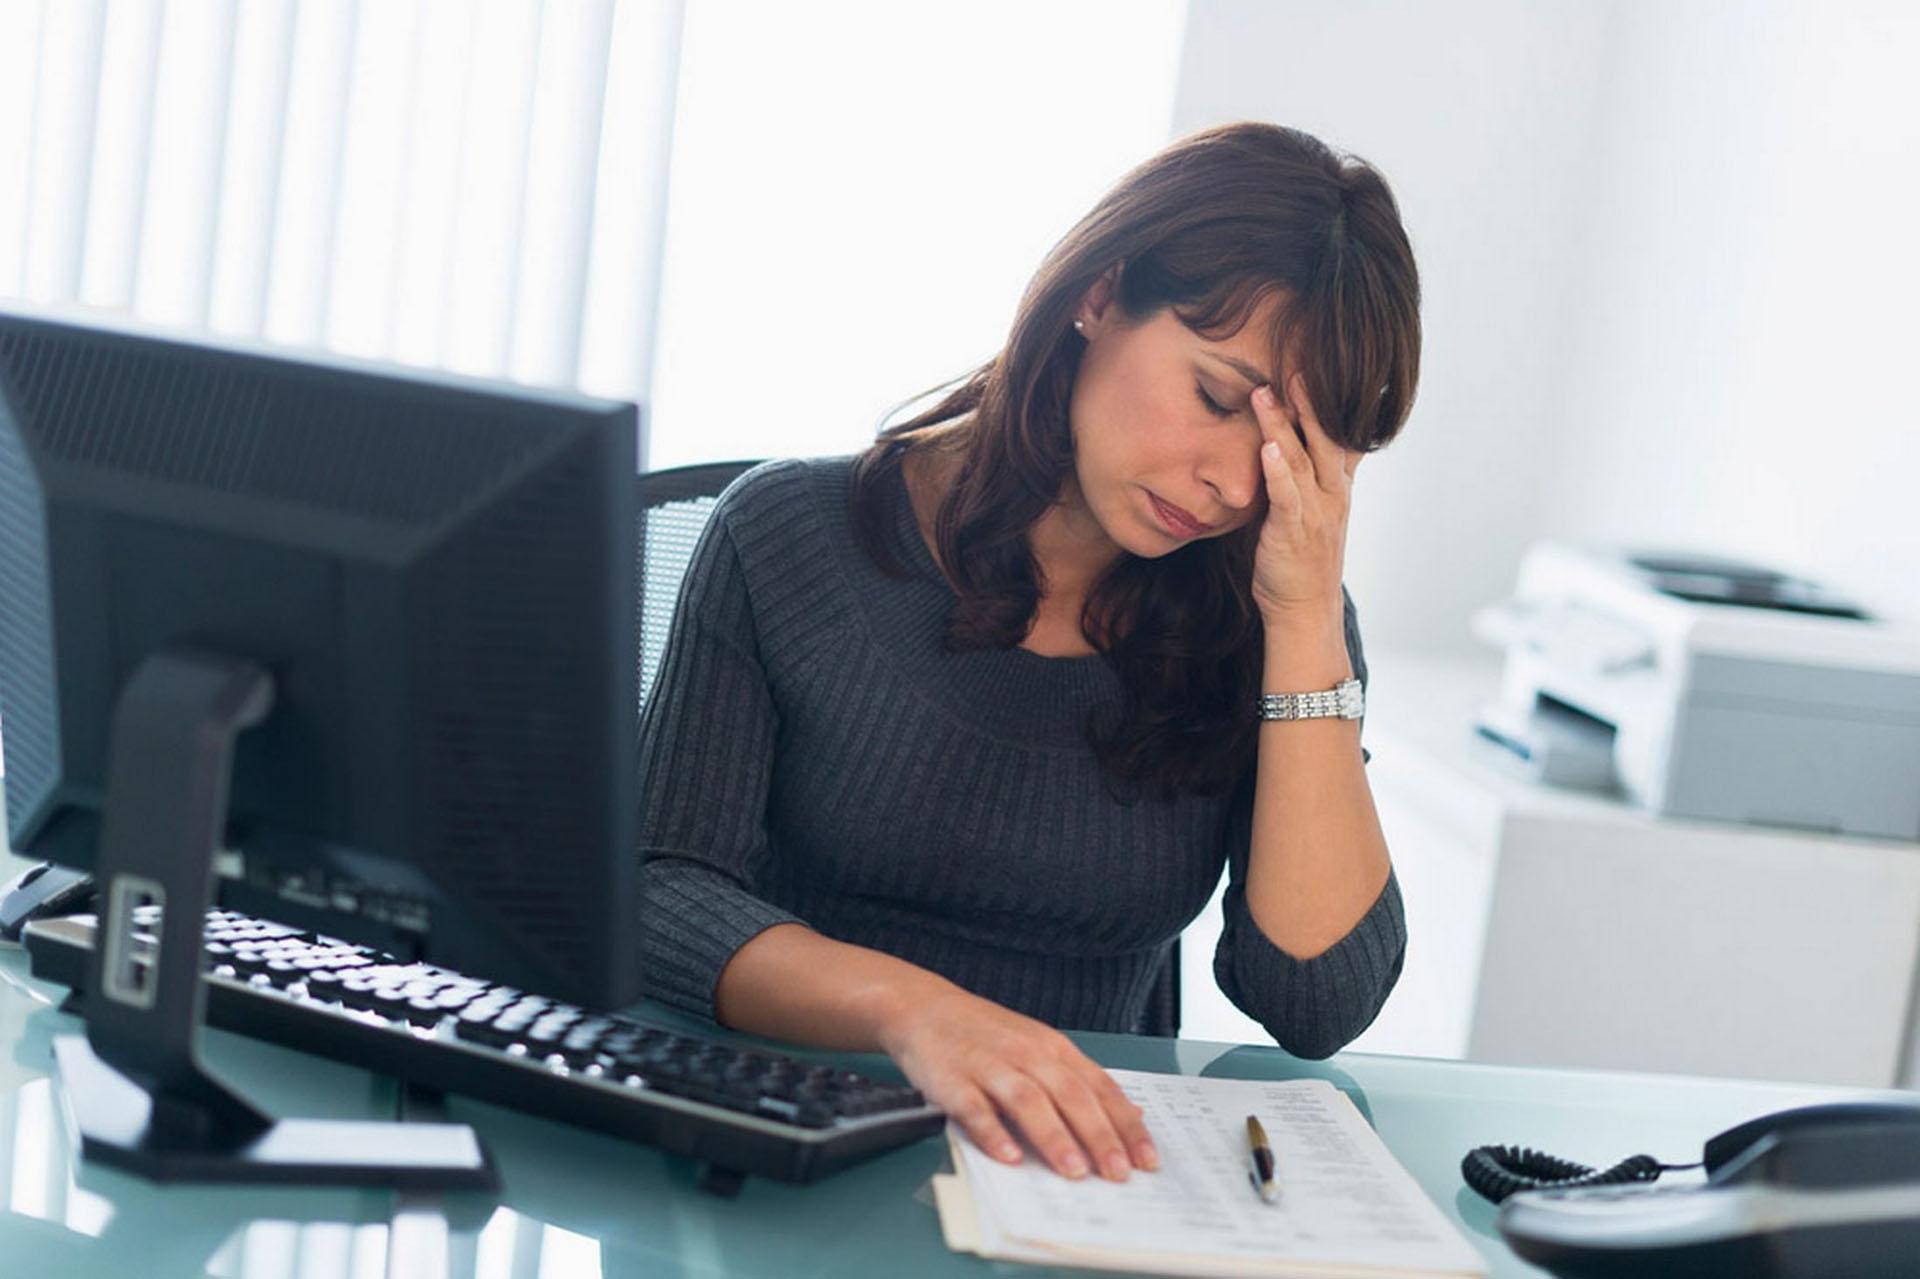 Вебинар: 7 юридических ошибок, которые приведут к потере бизнеса